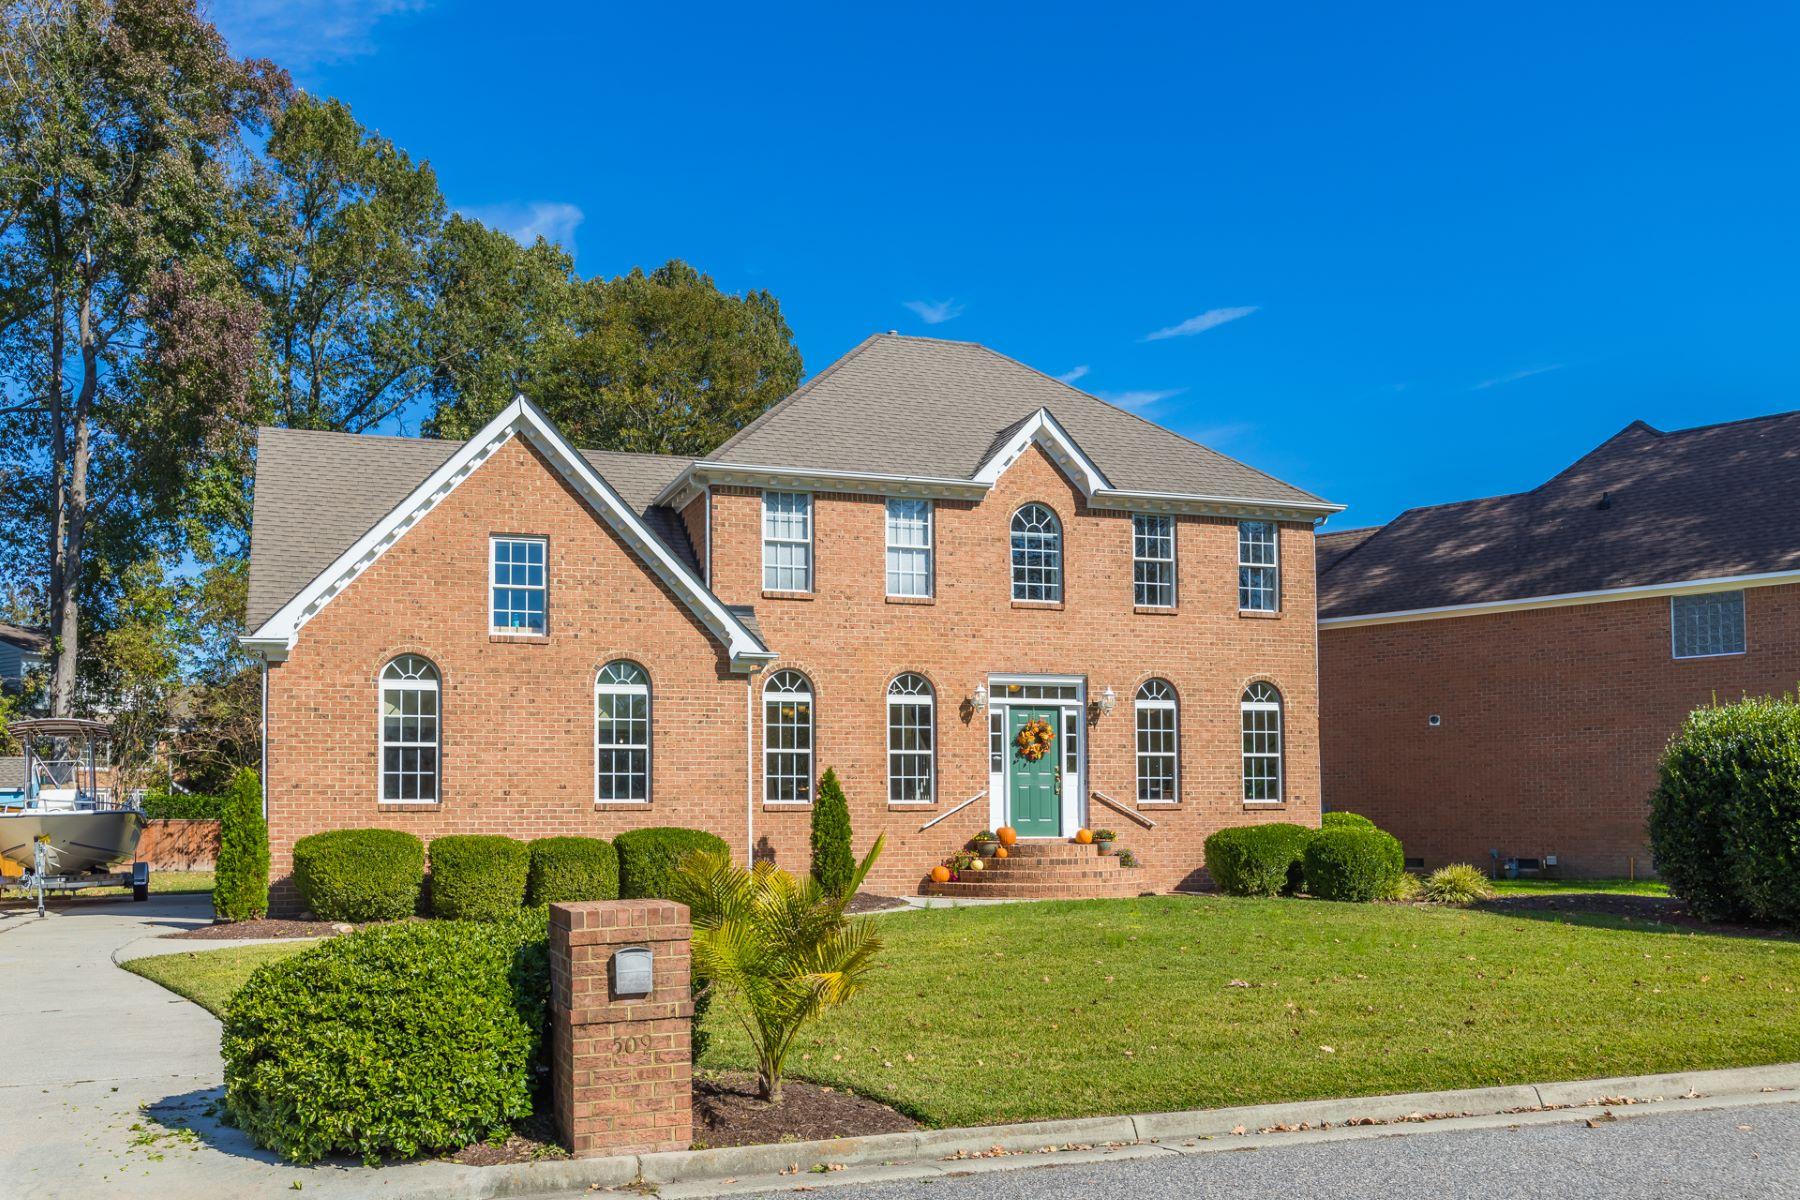 Single Family Homes für Verkauf beim EMERALD LAKES ESTATES 509 River Gate Rd, Chesapeake, Virginia 23322 Vereinigte Staaten